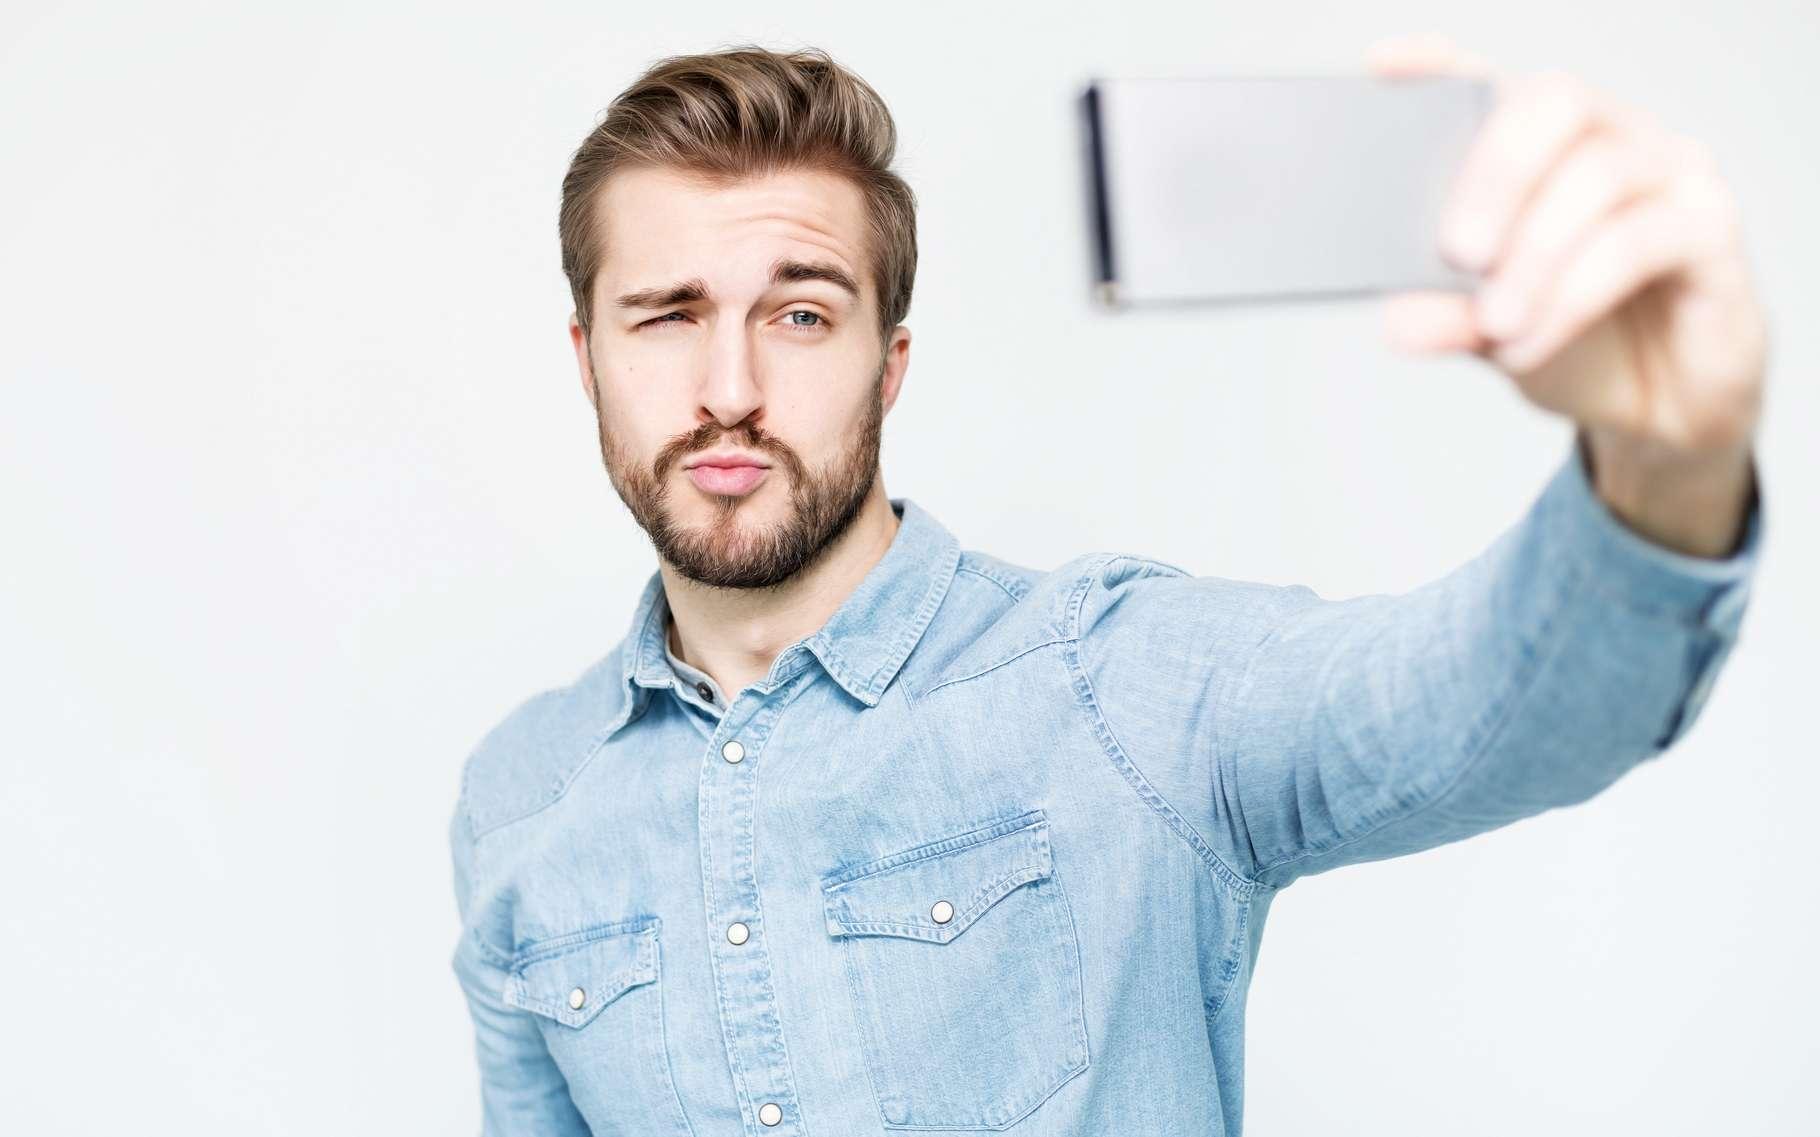 Mastercard a choisi de mise sur la reconnaissance faciale comme solution biométrique pour sa solution de sécurisation des paiements sur mobiles. Elle sera déployée dans une douzaine de pays à partir de cet été. © Lassedesignen, Shutterstock